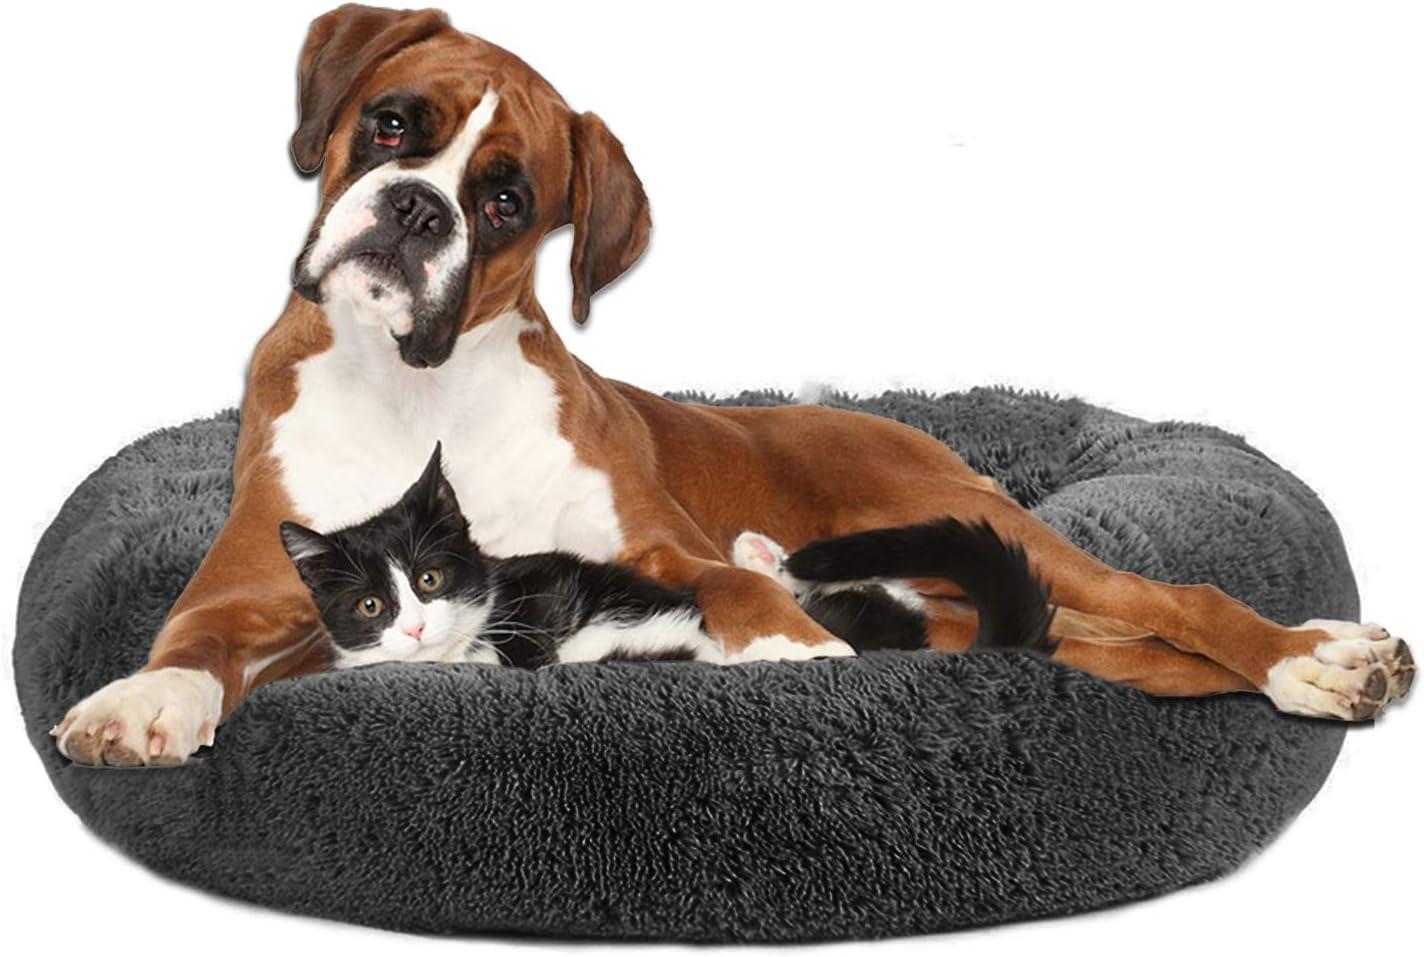 Pejoye Redonda Felpa Cama Perro Gato, Cama calmante para Grande Pequeño Mascota Invierno, Cómoda y Lavable, 50/60/70CM, Gris Claro/Gris Oscuro/Rosa/Caqui/Albaricoque